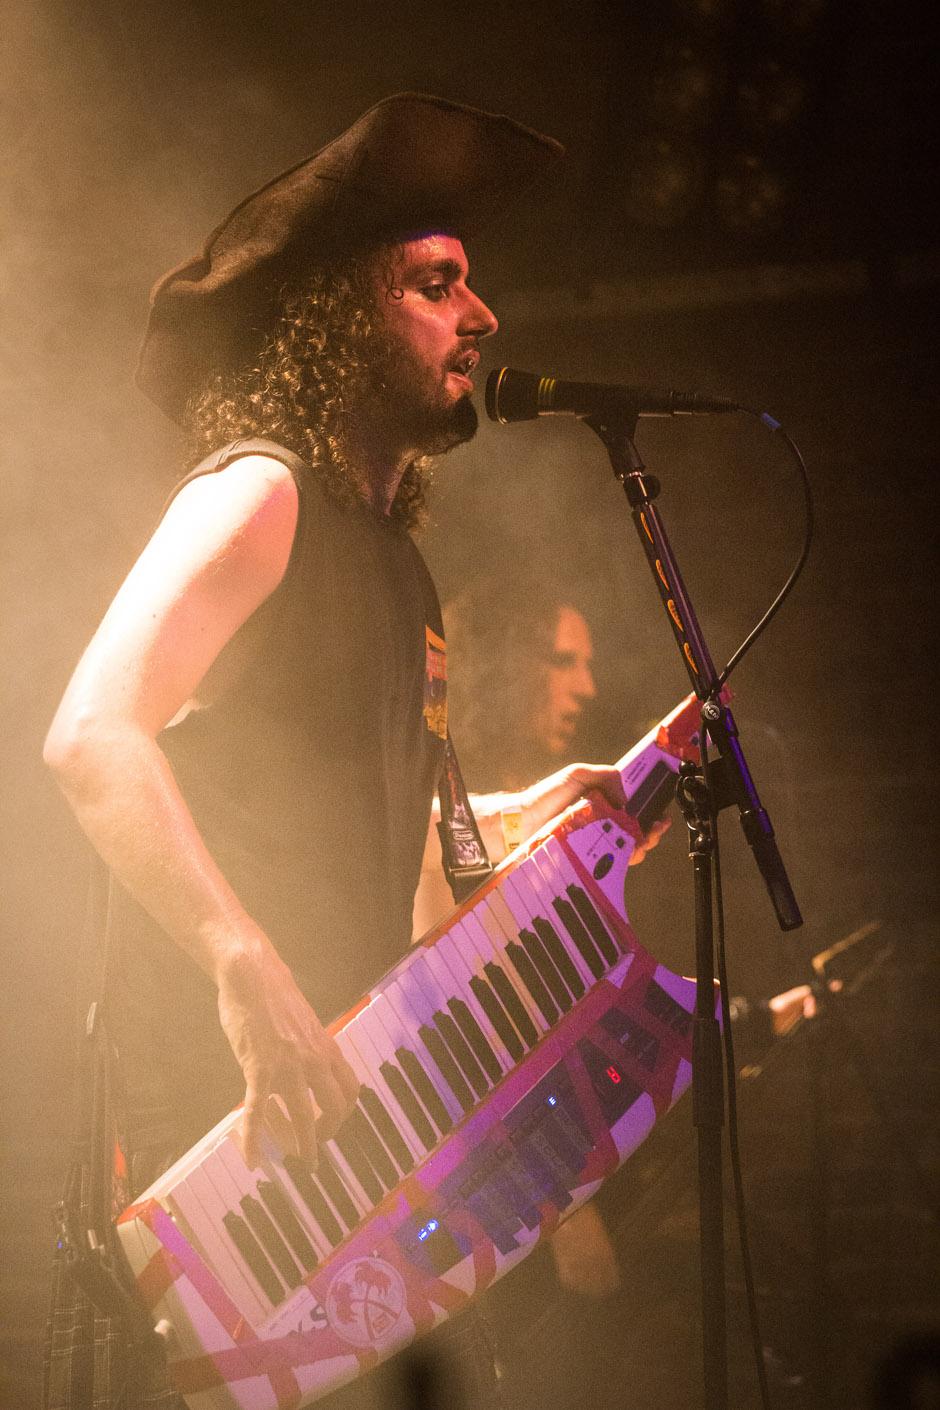 Alestorm live, 13.09.2014, Bochum: Matrix